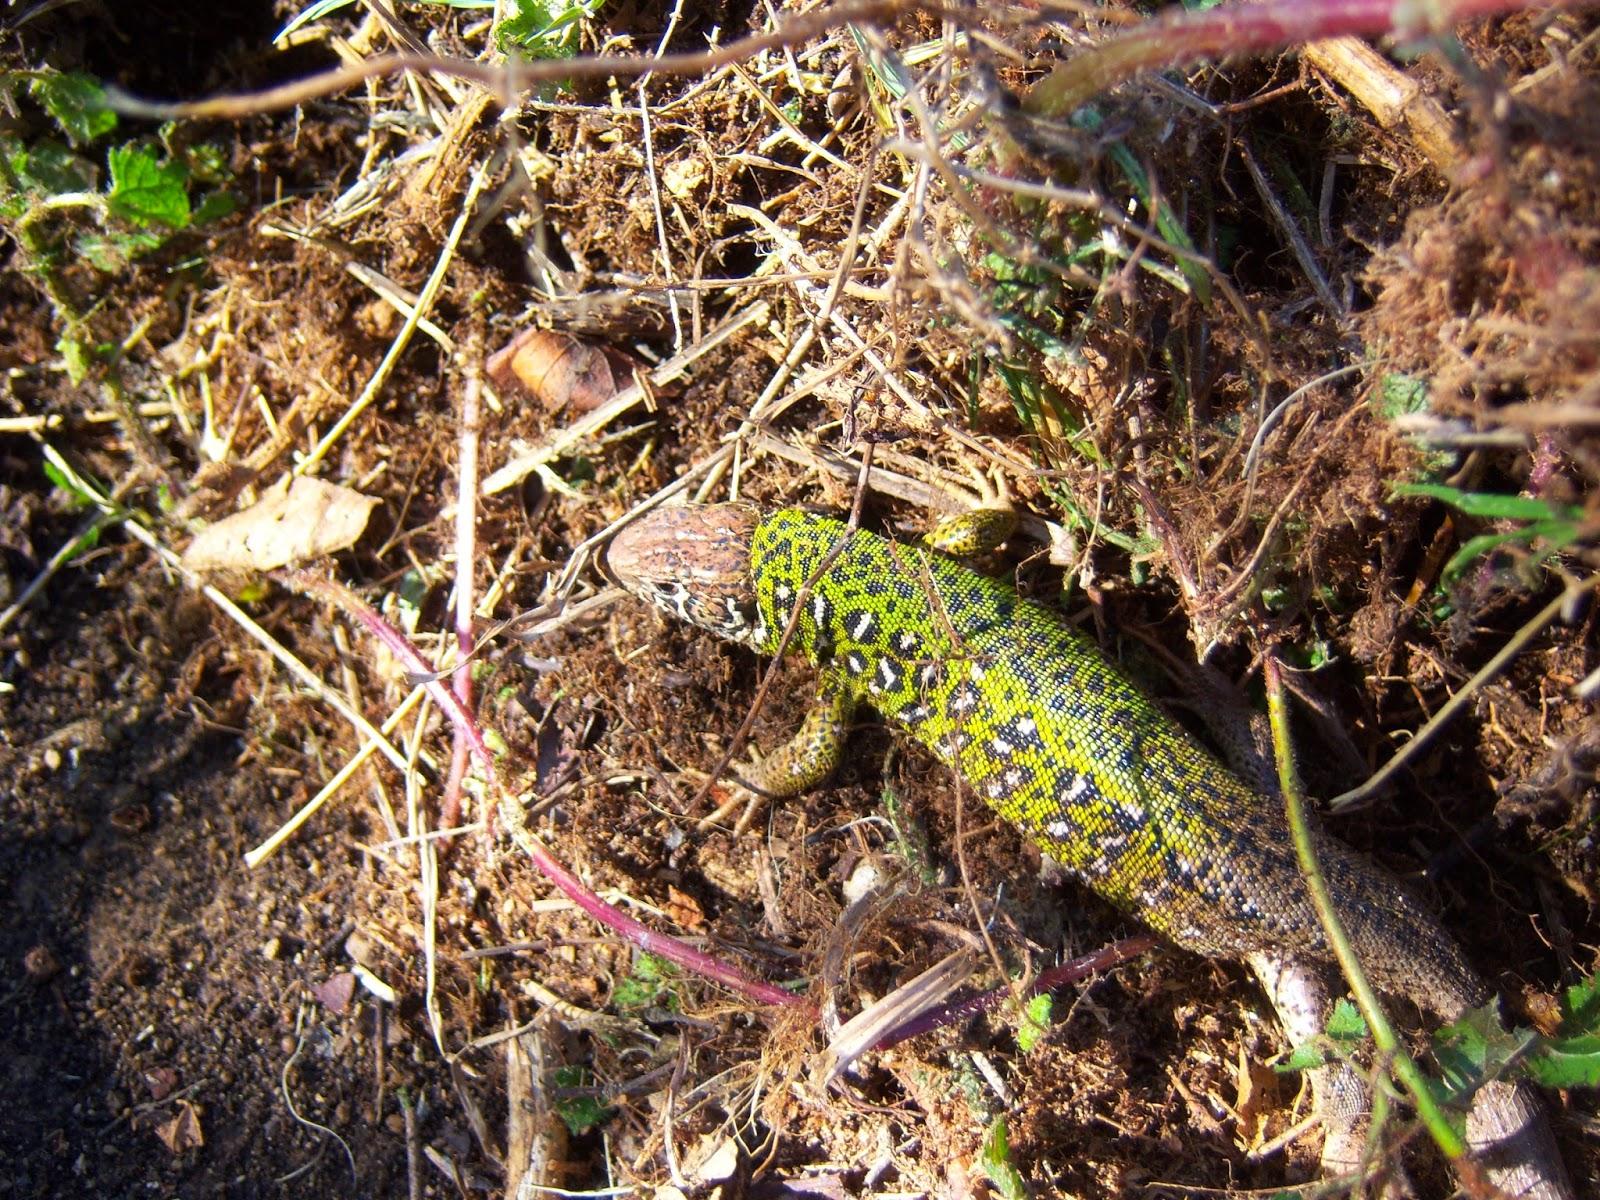 Fauna auxiliar: hermoso lagarto que vive en uno de nuestros huertos.